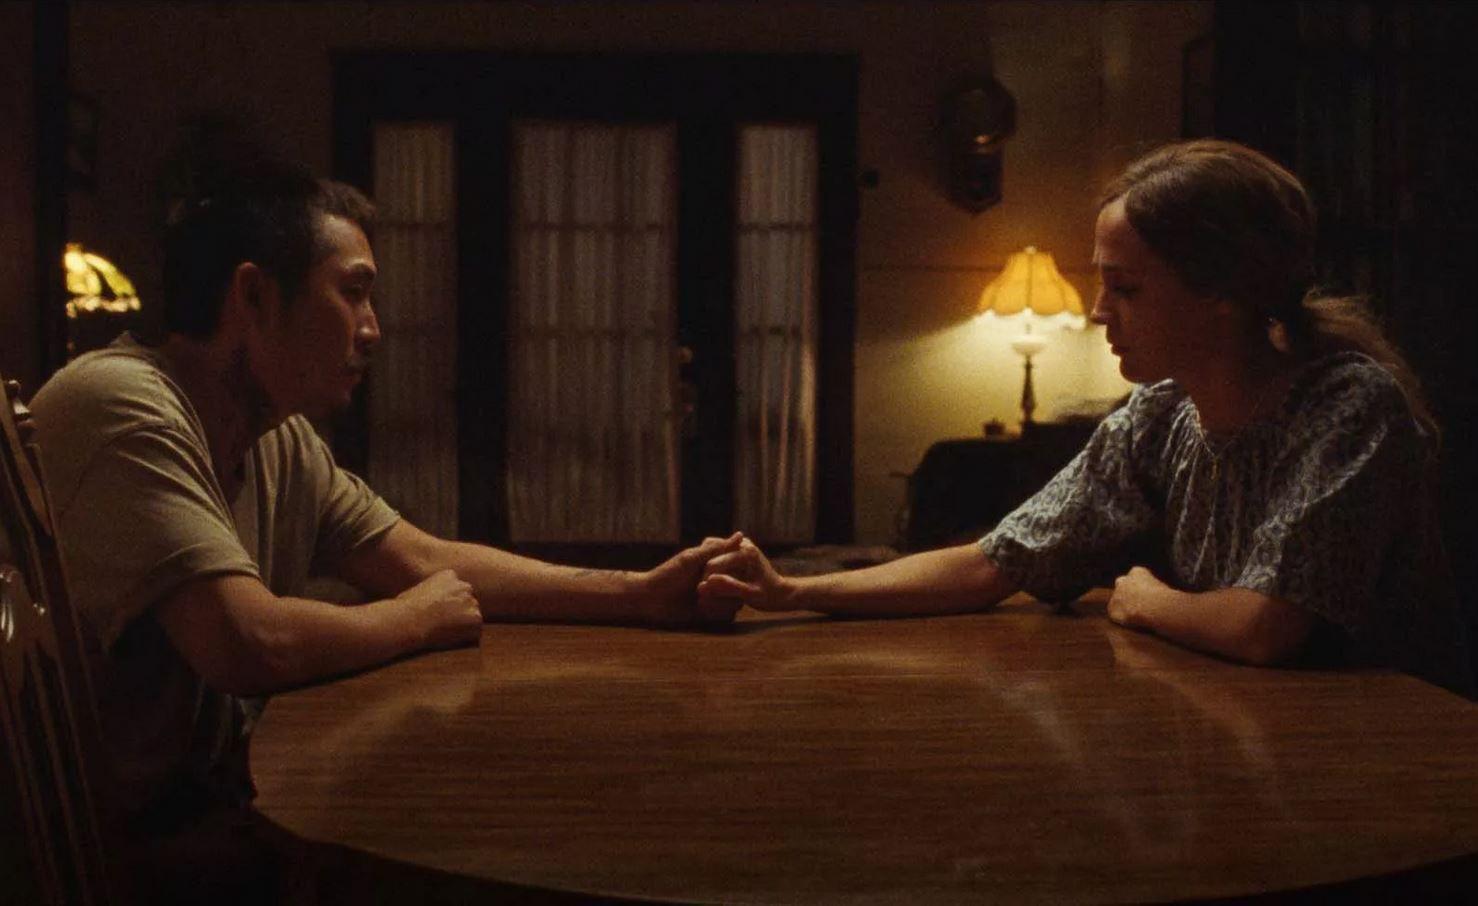 Blue Bayou (BANDE-ANNONCE) de et avec Justin Chon - Le 15 septembre 2021 au cinéma